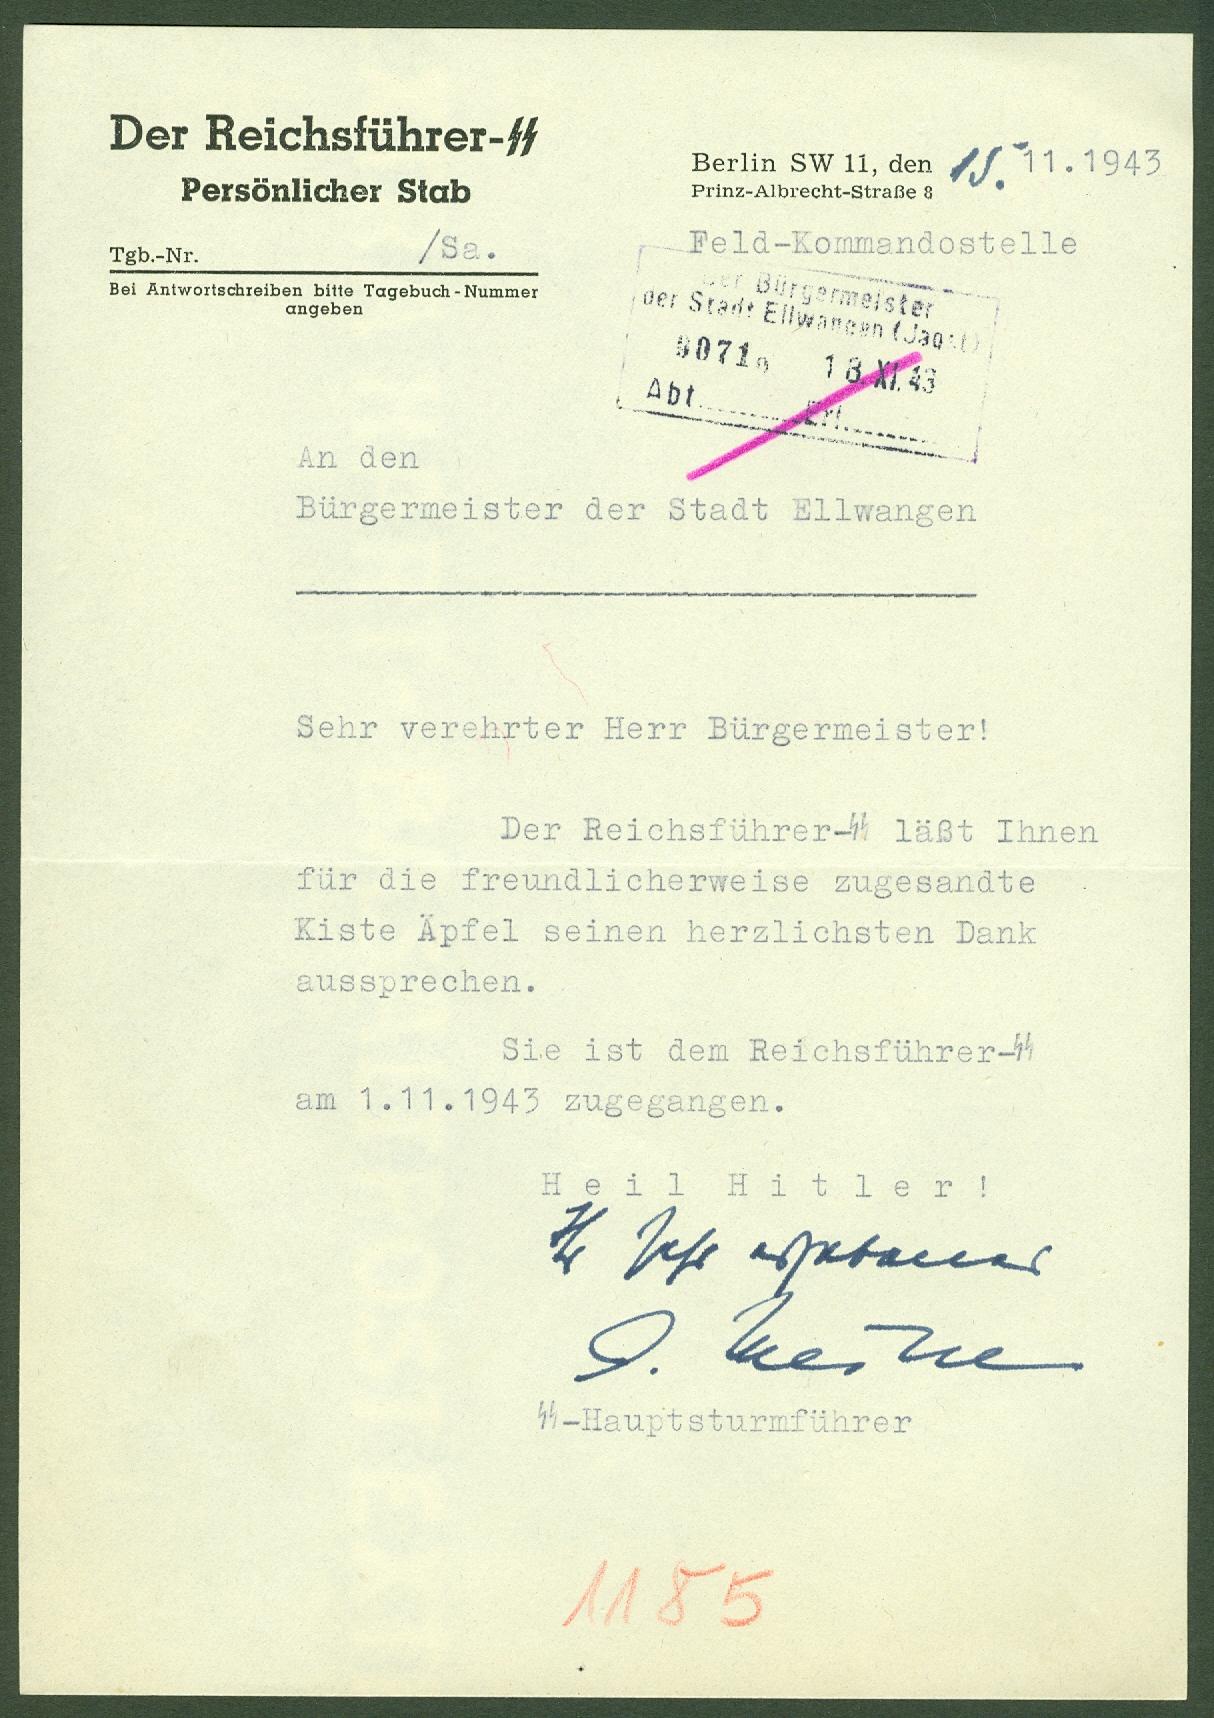 Dankschreiben Himmler 1943-11-15